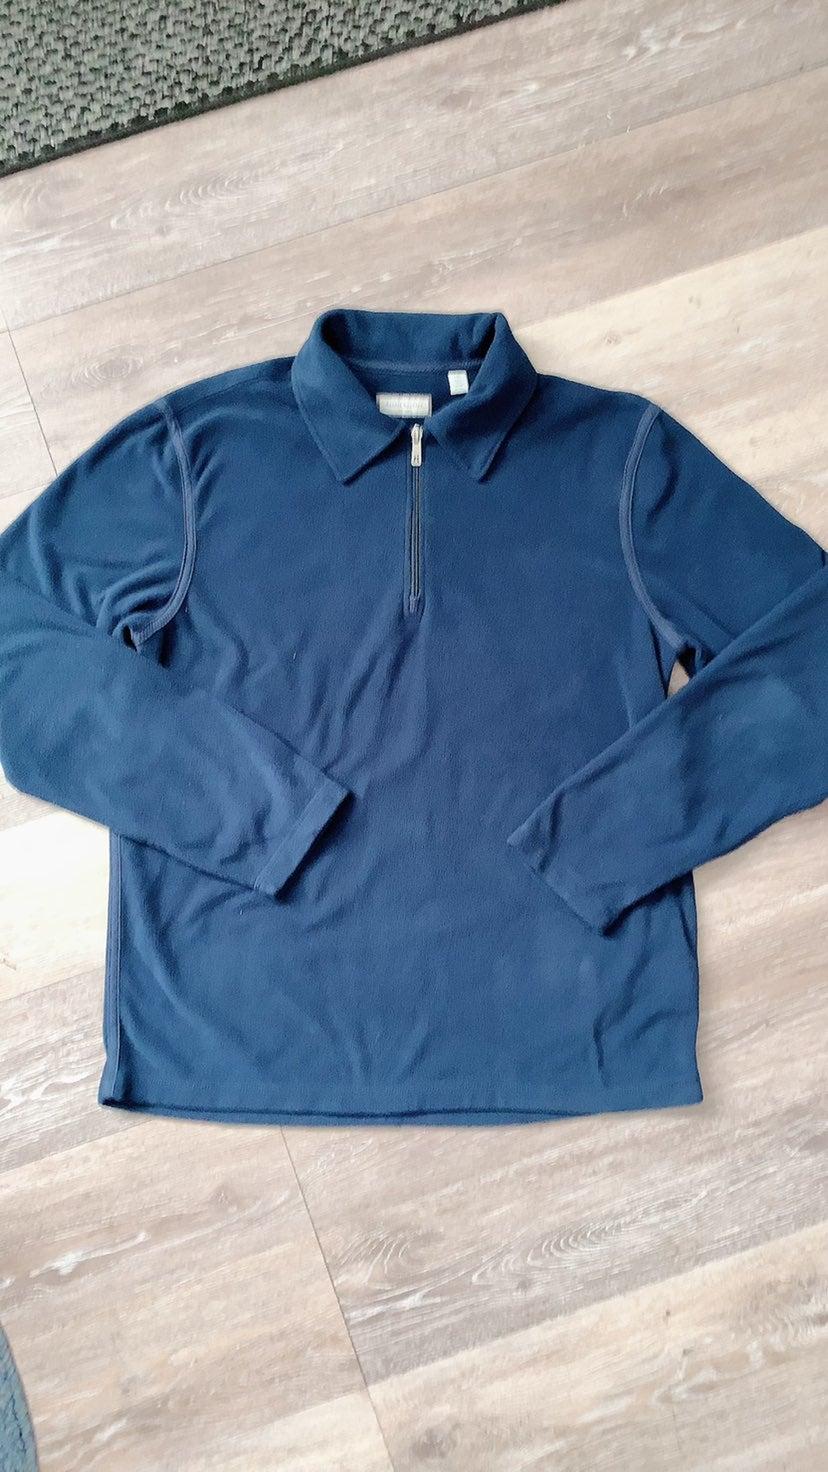 Daniel Buchler Fleece 1/4 Zip Jacket